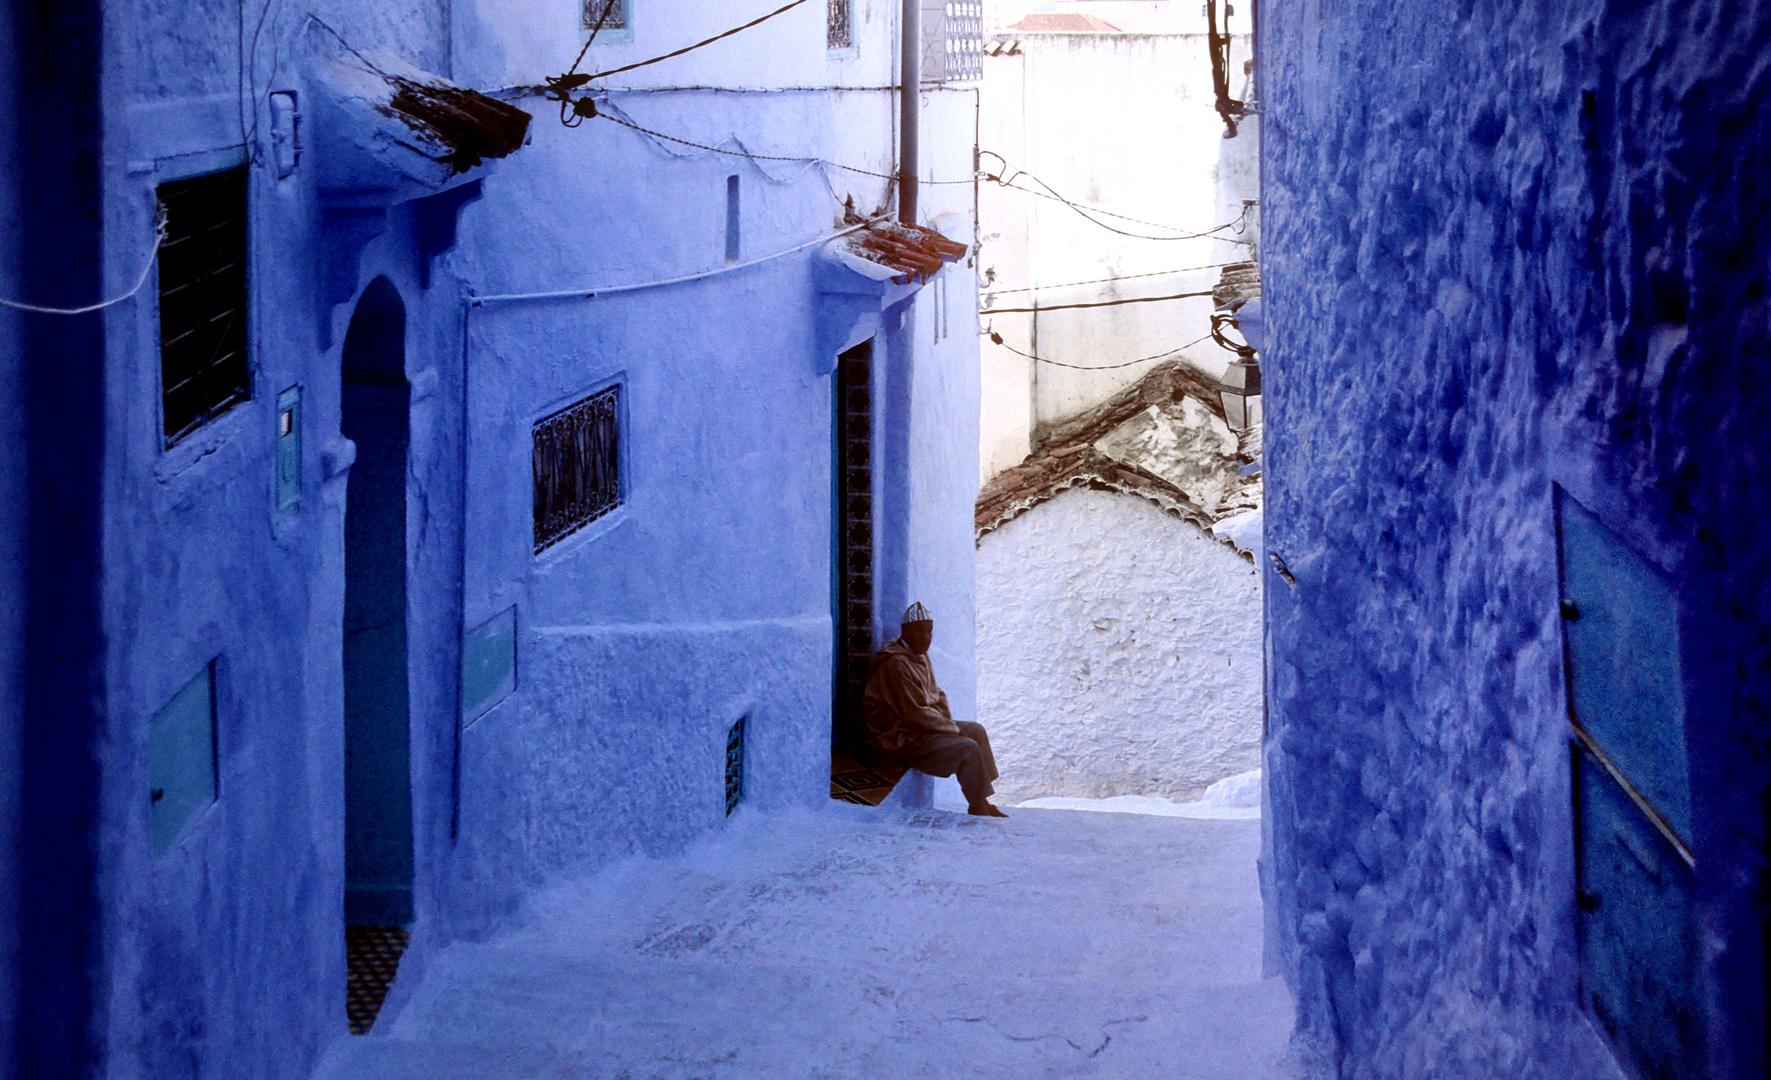 Blau, blau und noch mals blau